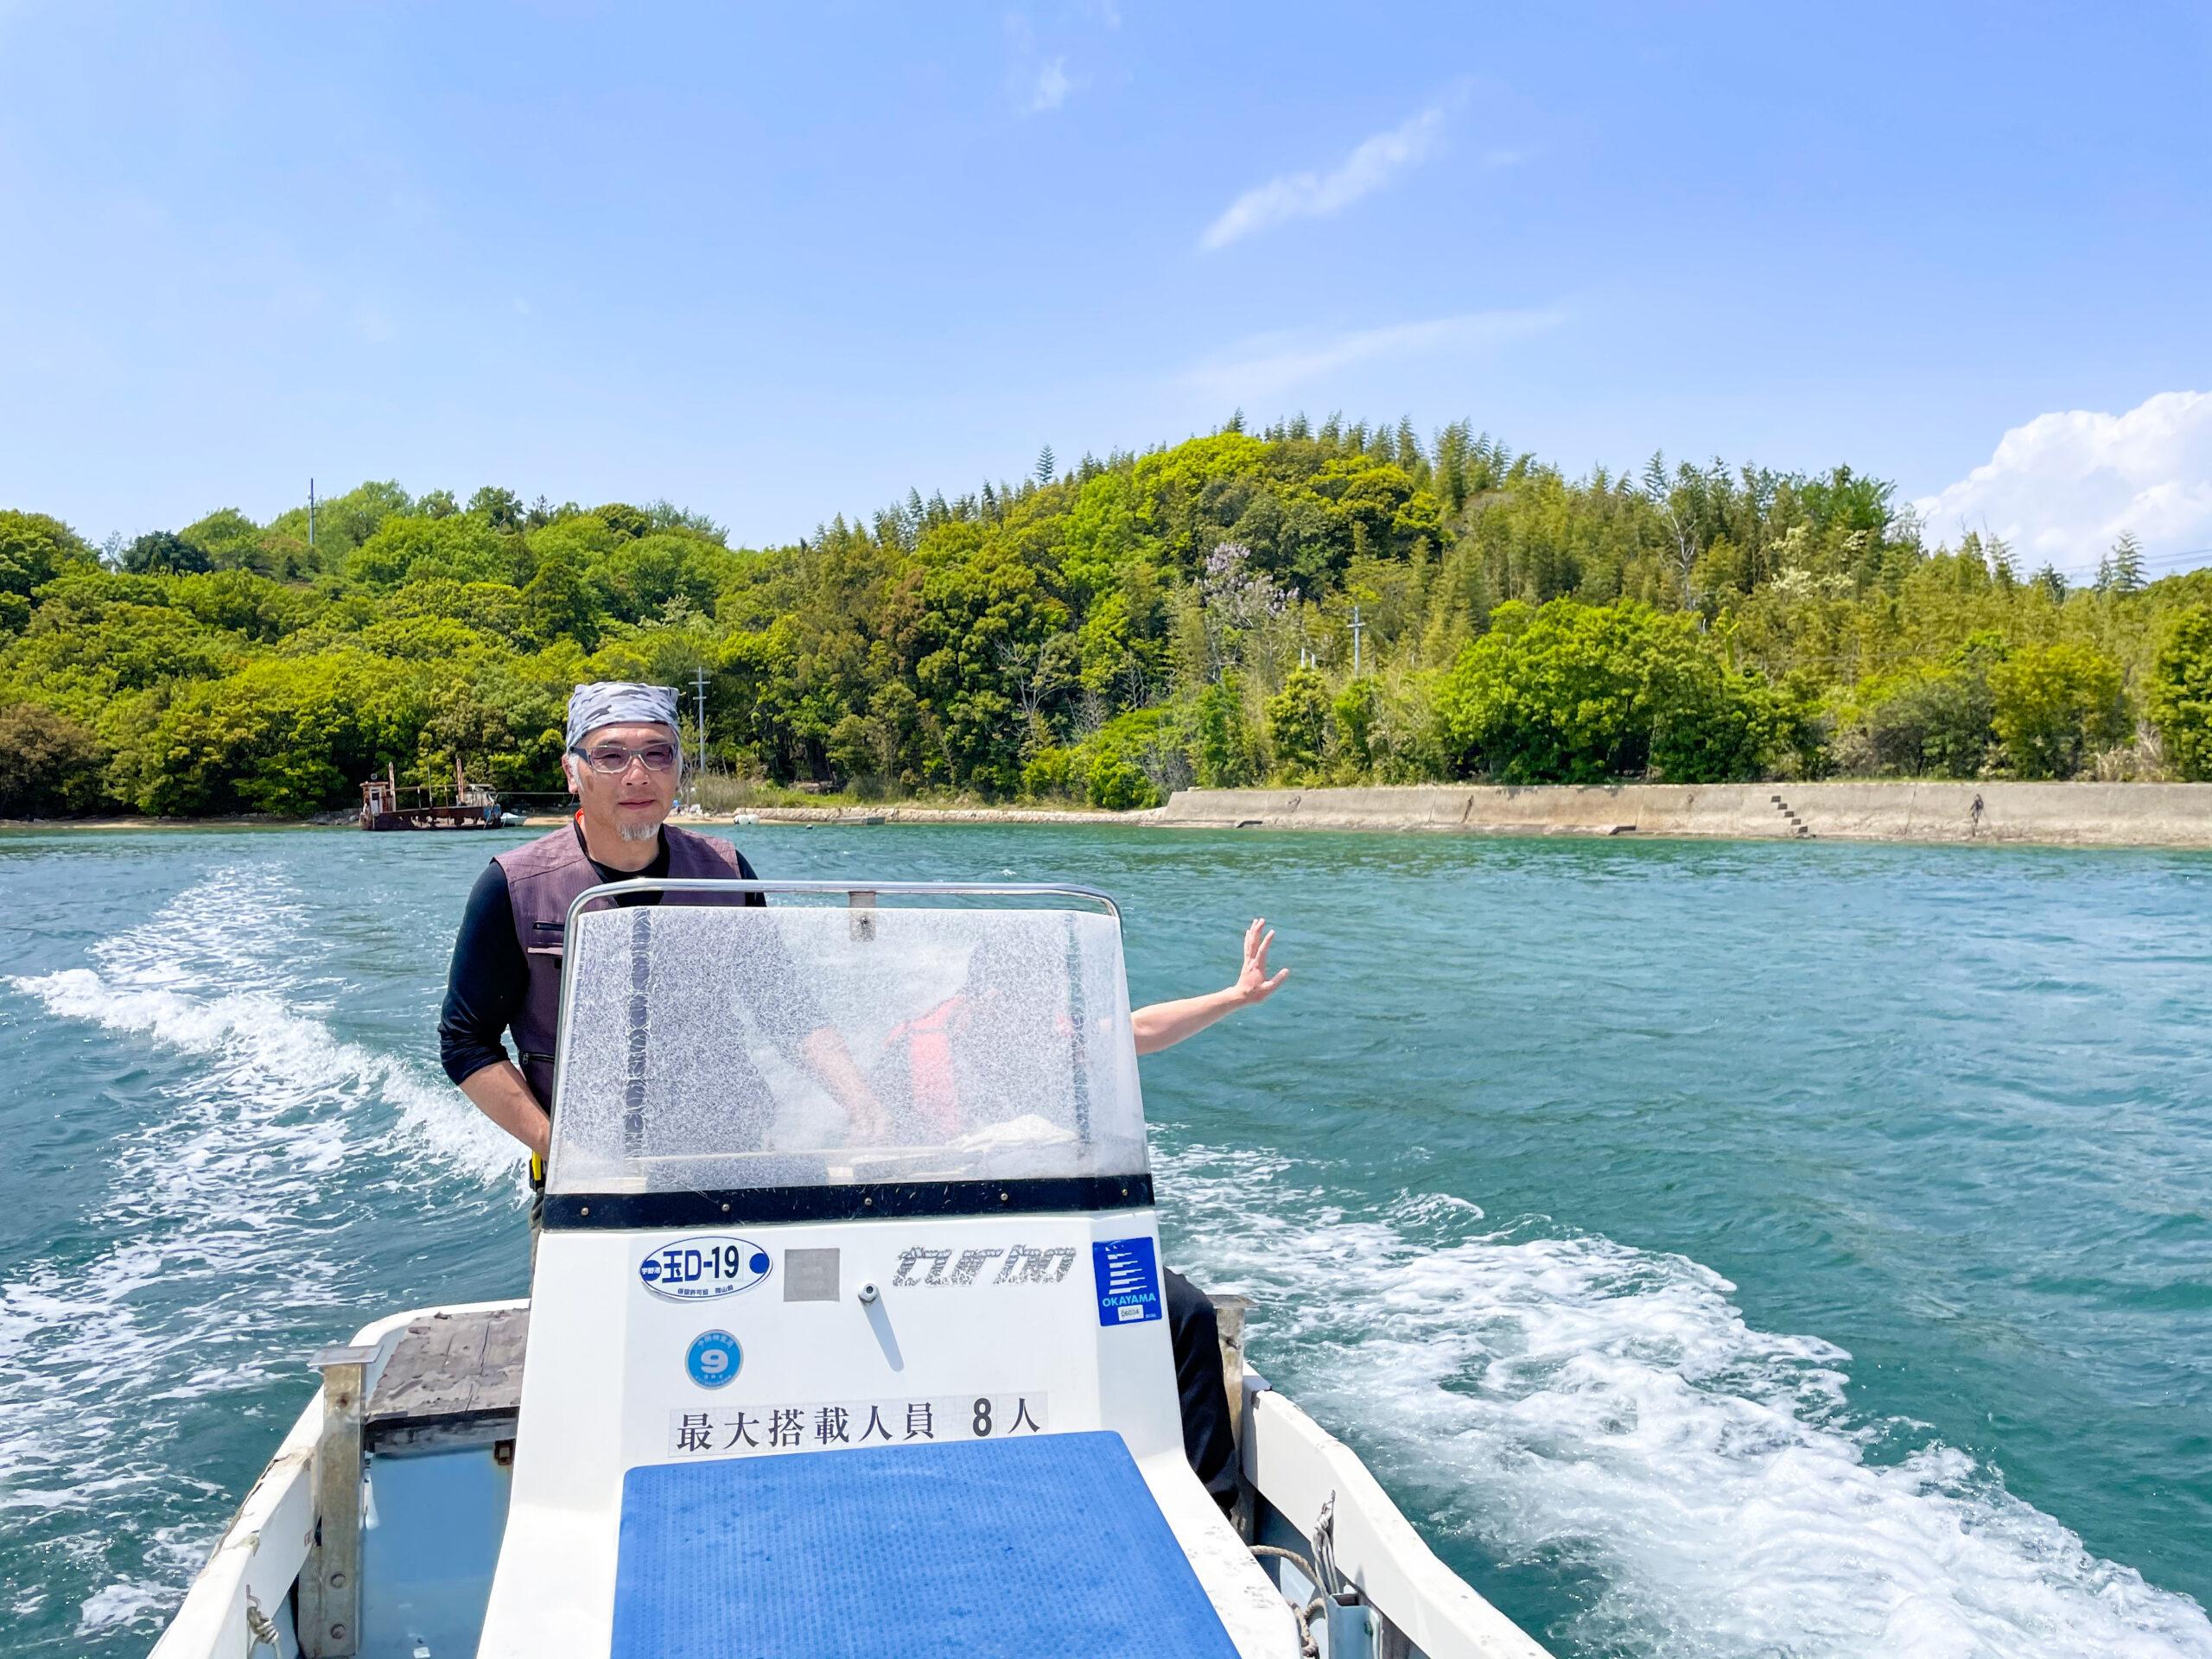 岡山の港からチャーター船で上陸します